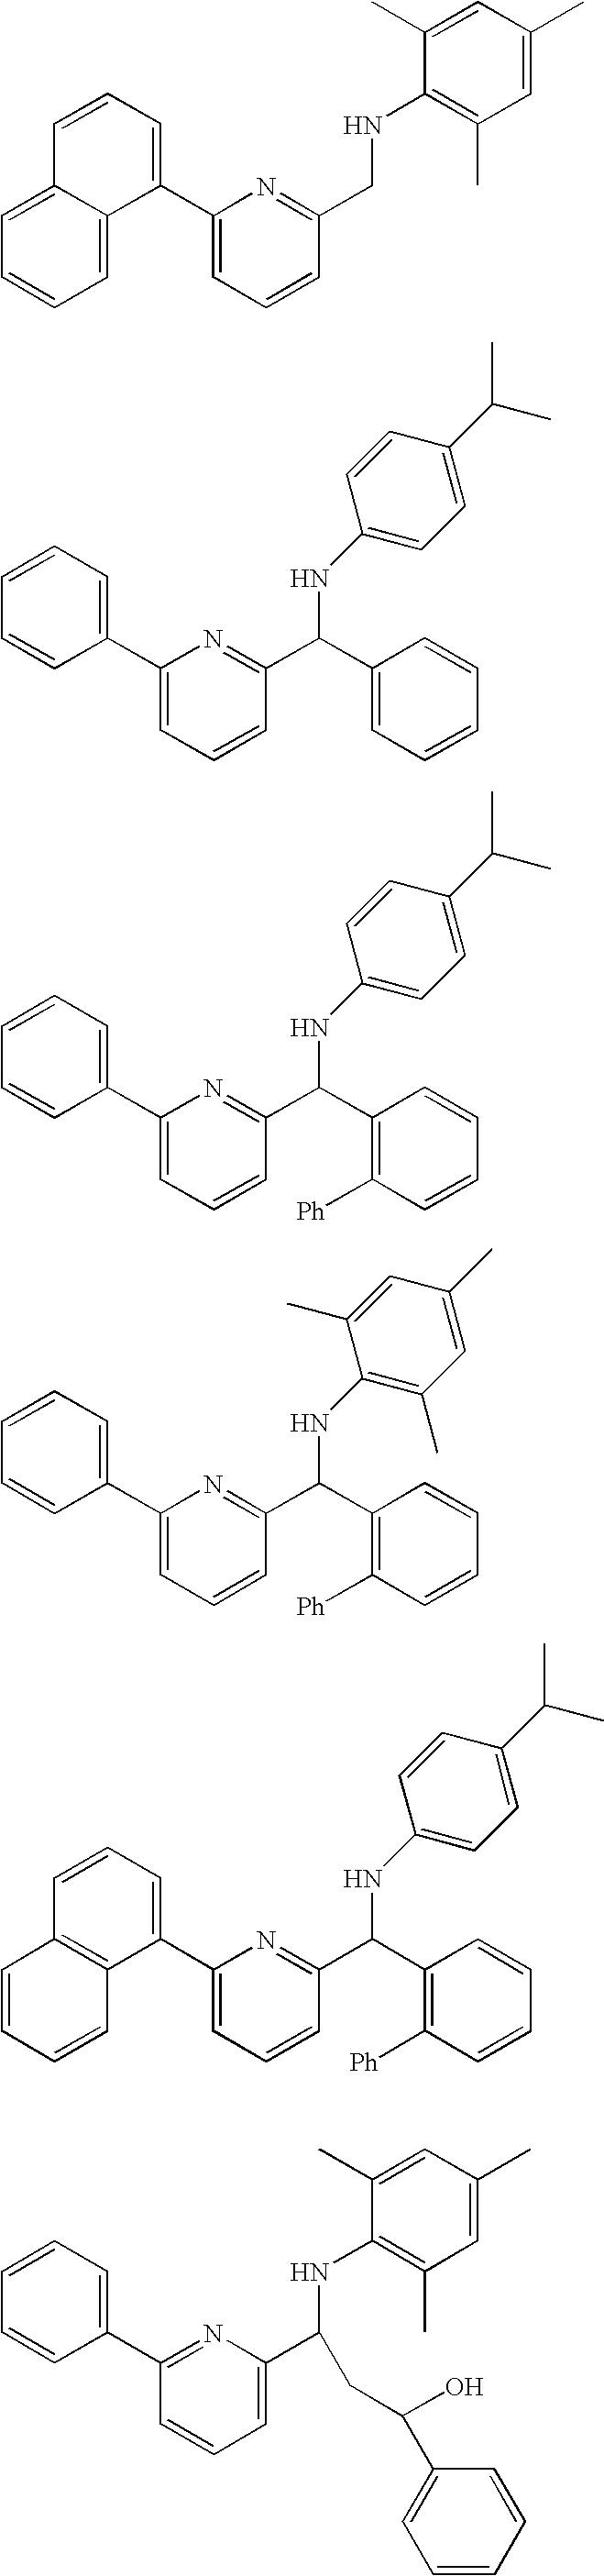 Figure US06900321-20050531-C00019